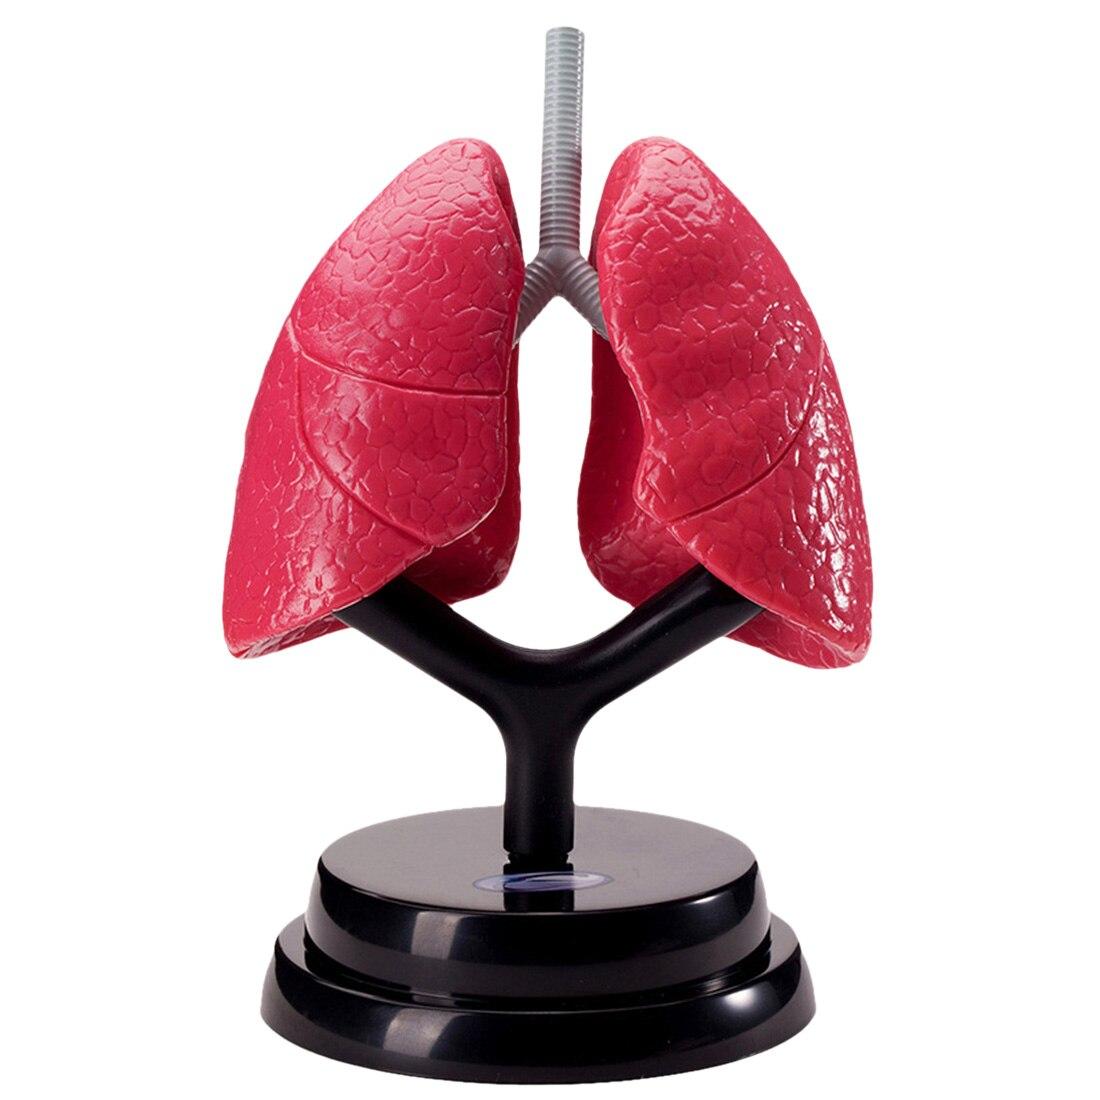 Surwish bricolage modèle respiratoire humain enfants populaire Science expérience vapeur tige jouet ensemble